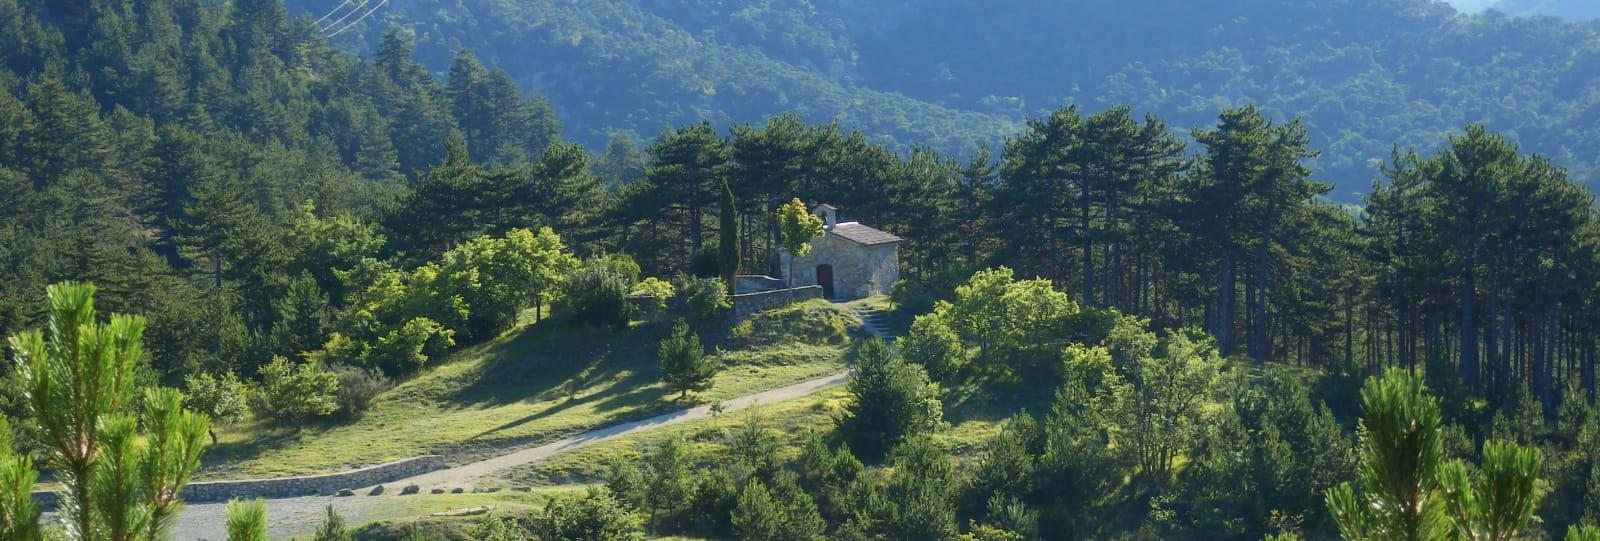 Circuit VTT n°3 - Le Col de Sauzet